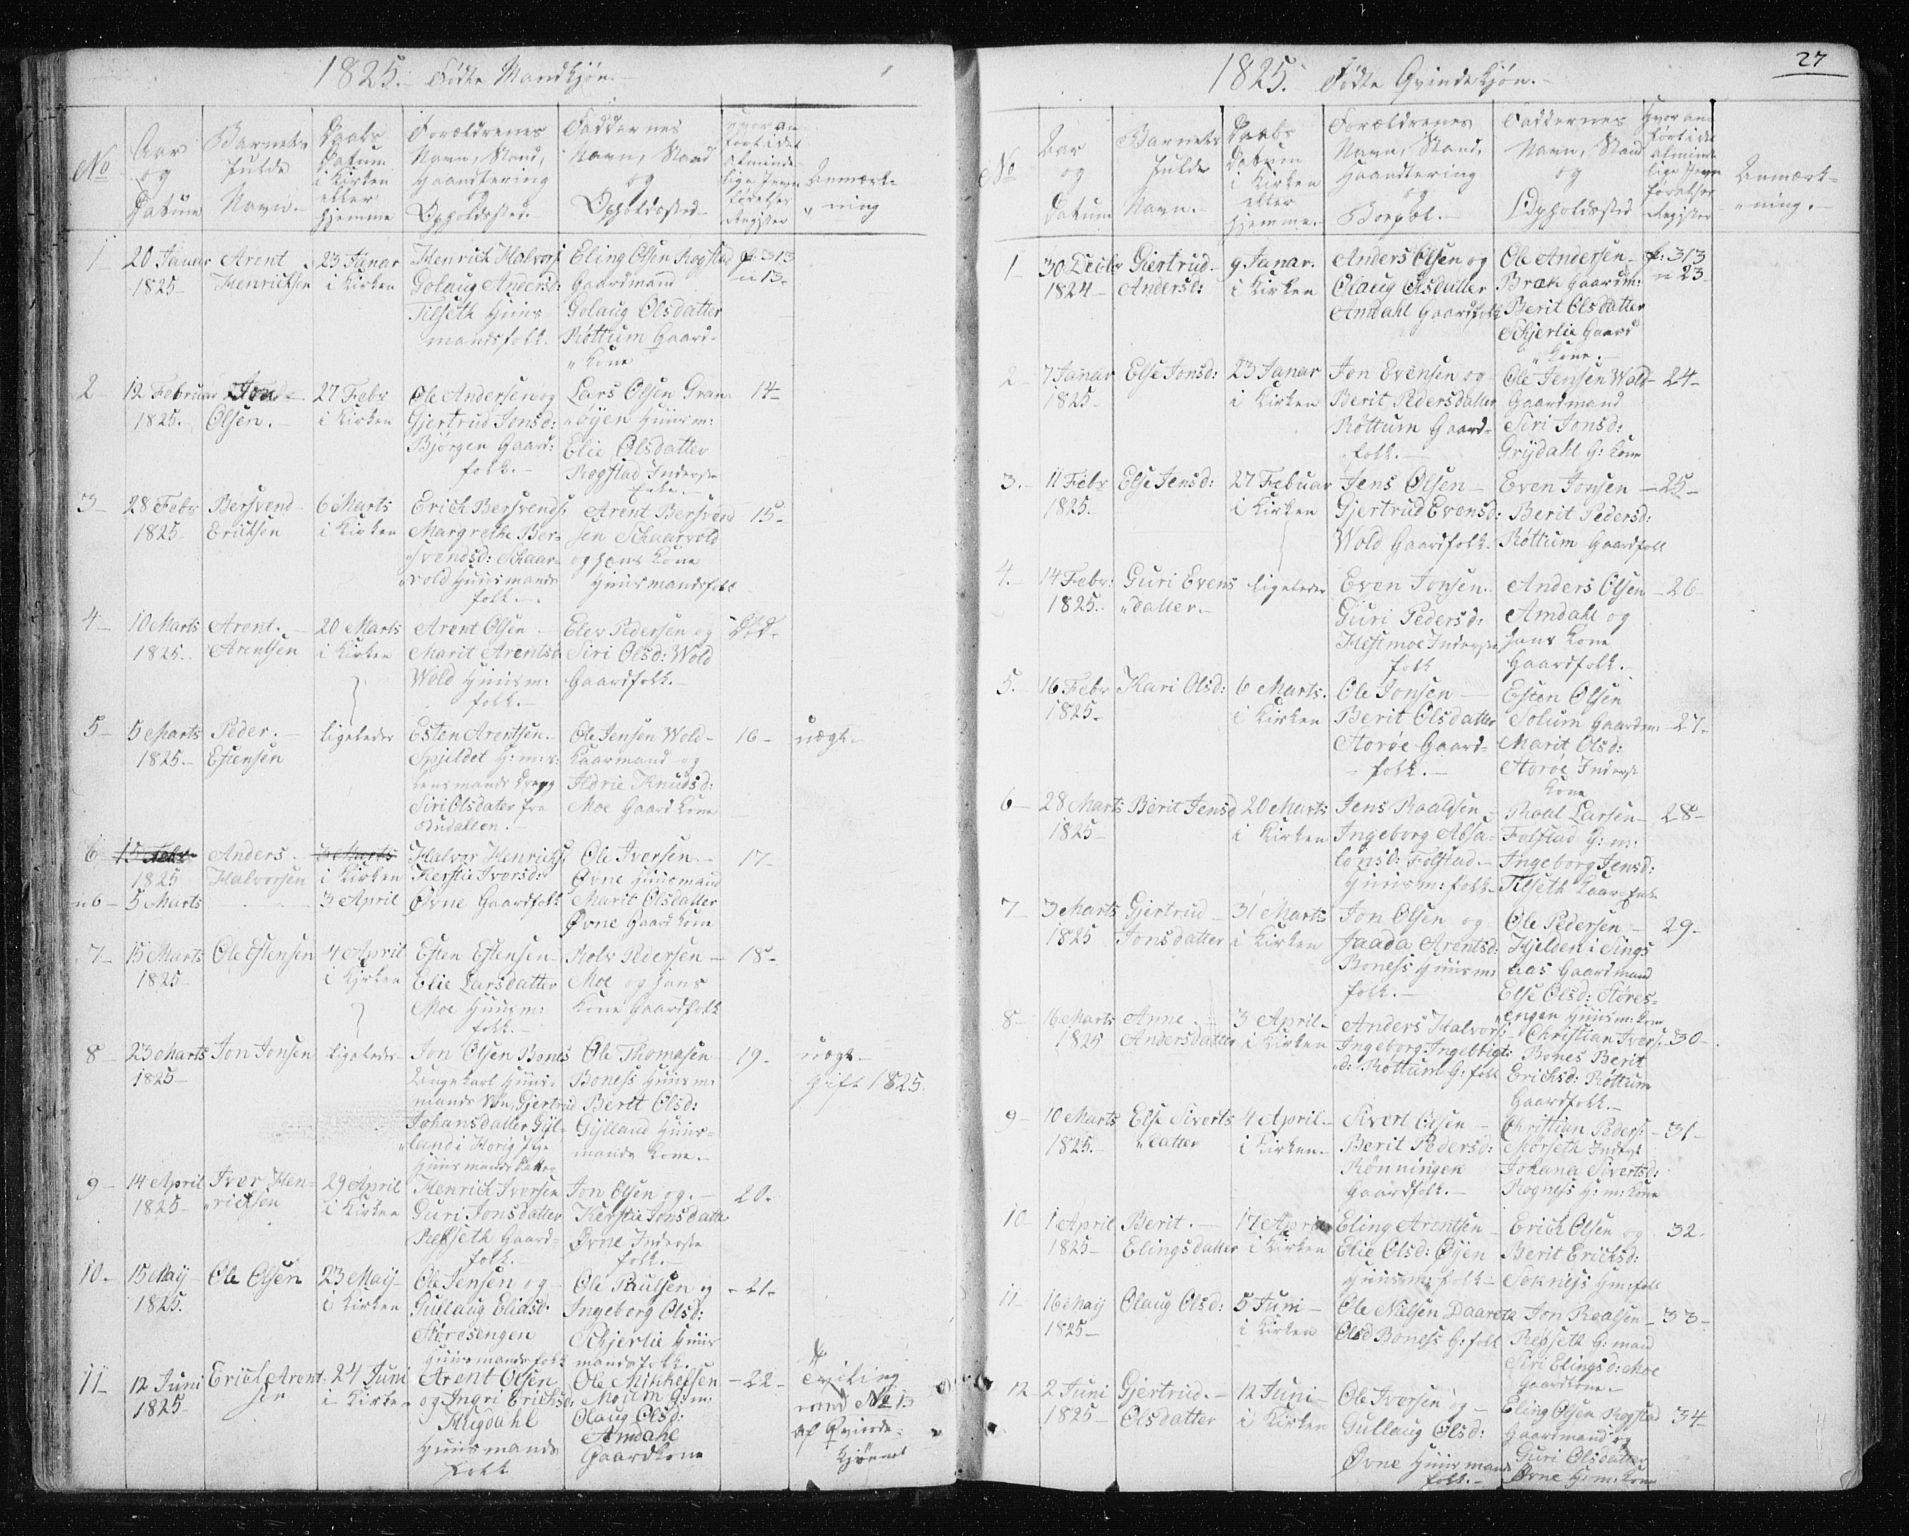 SAT, Ministerialprotokoller, klokkerbøker og fødselsregistre - Sør-Trøndelag, 687/L1017: Klokkerbok nr. 687C01, 1816-1837, s. 27